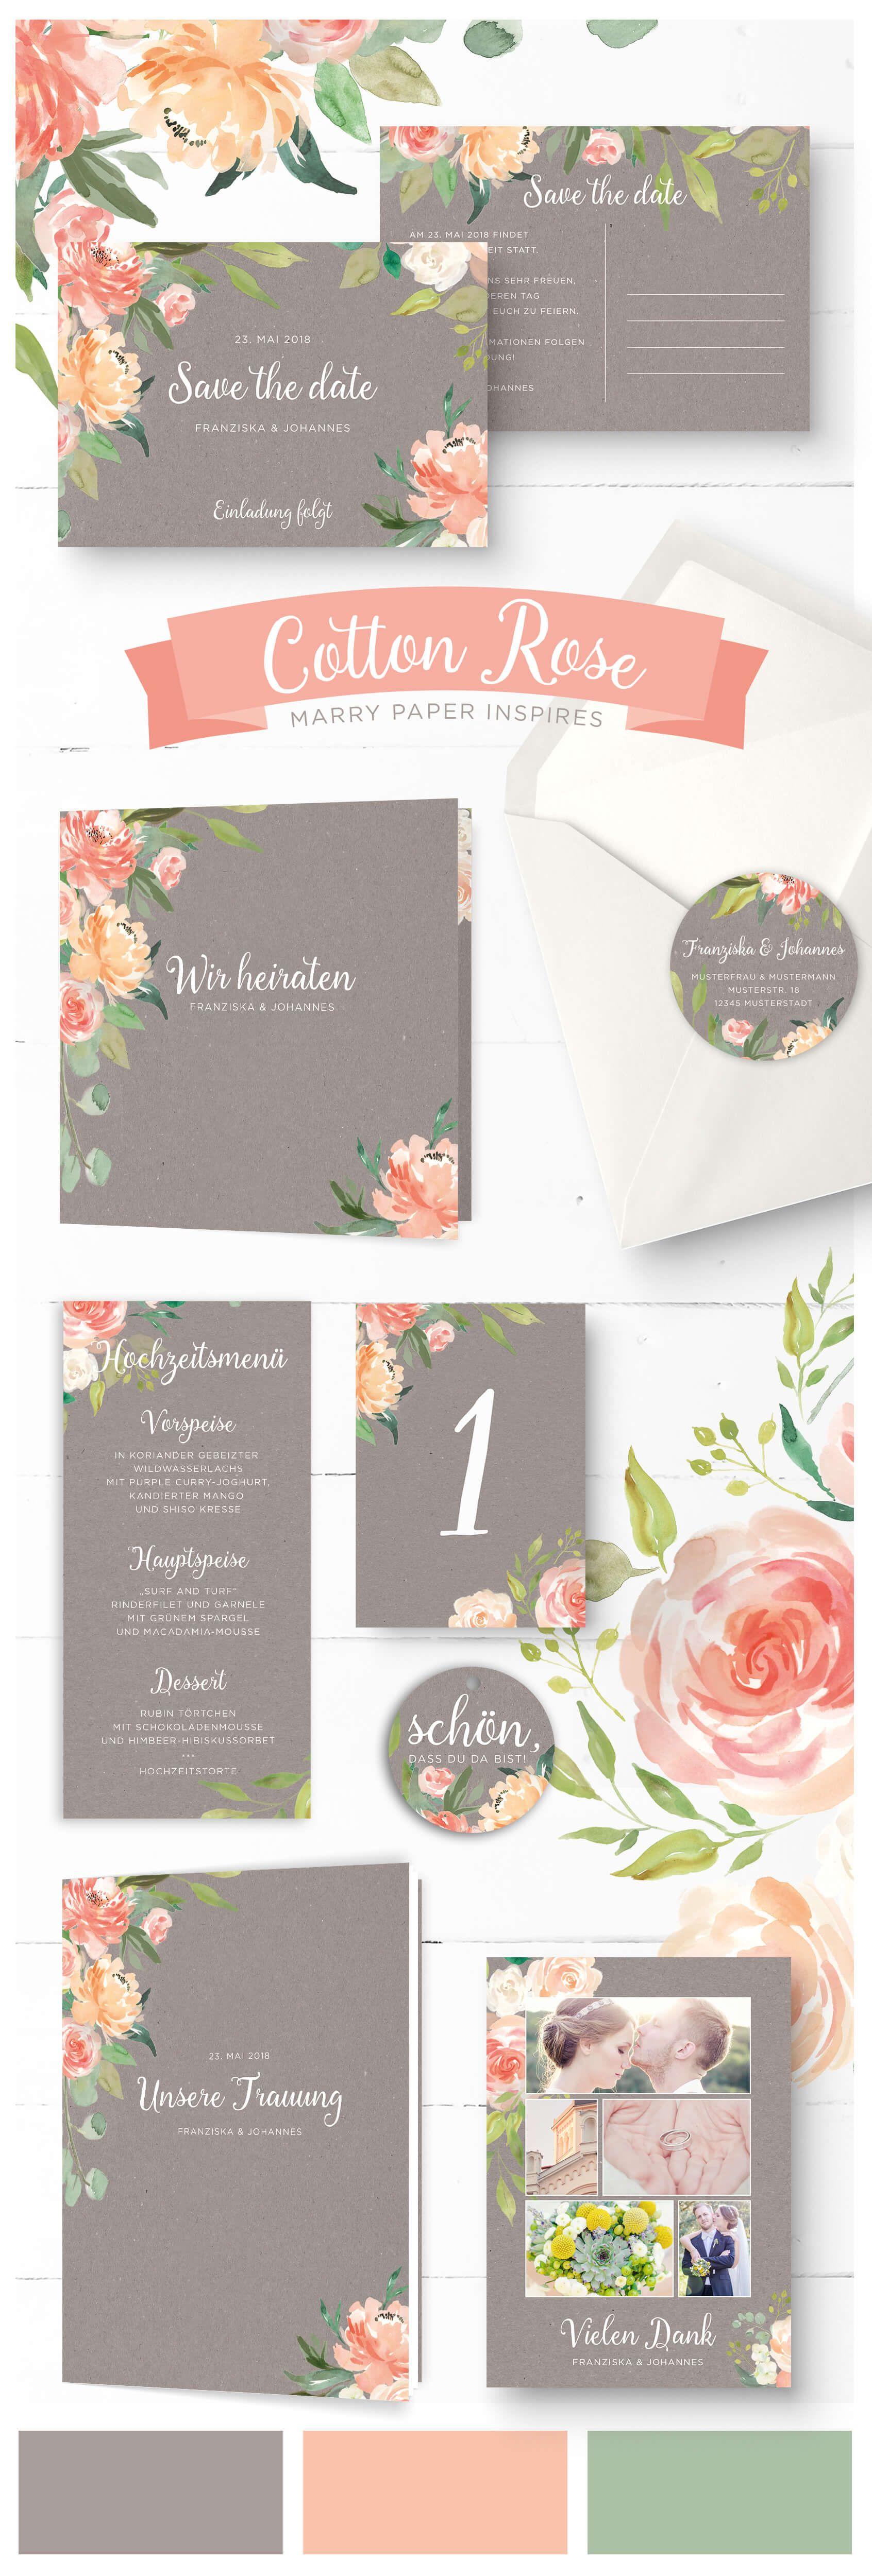 Cotton Rose Rustikal Romantische Hochzeitspapeterie